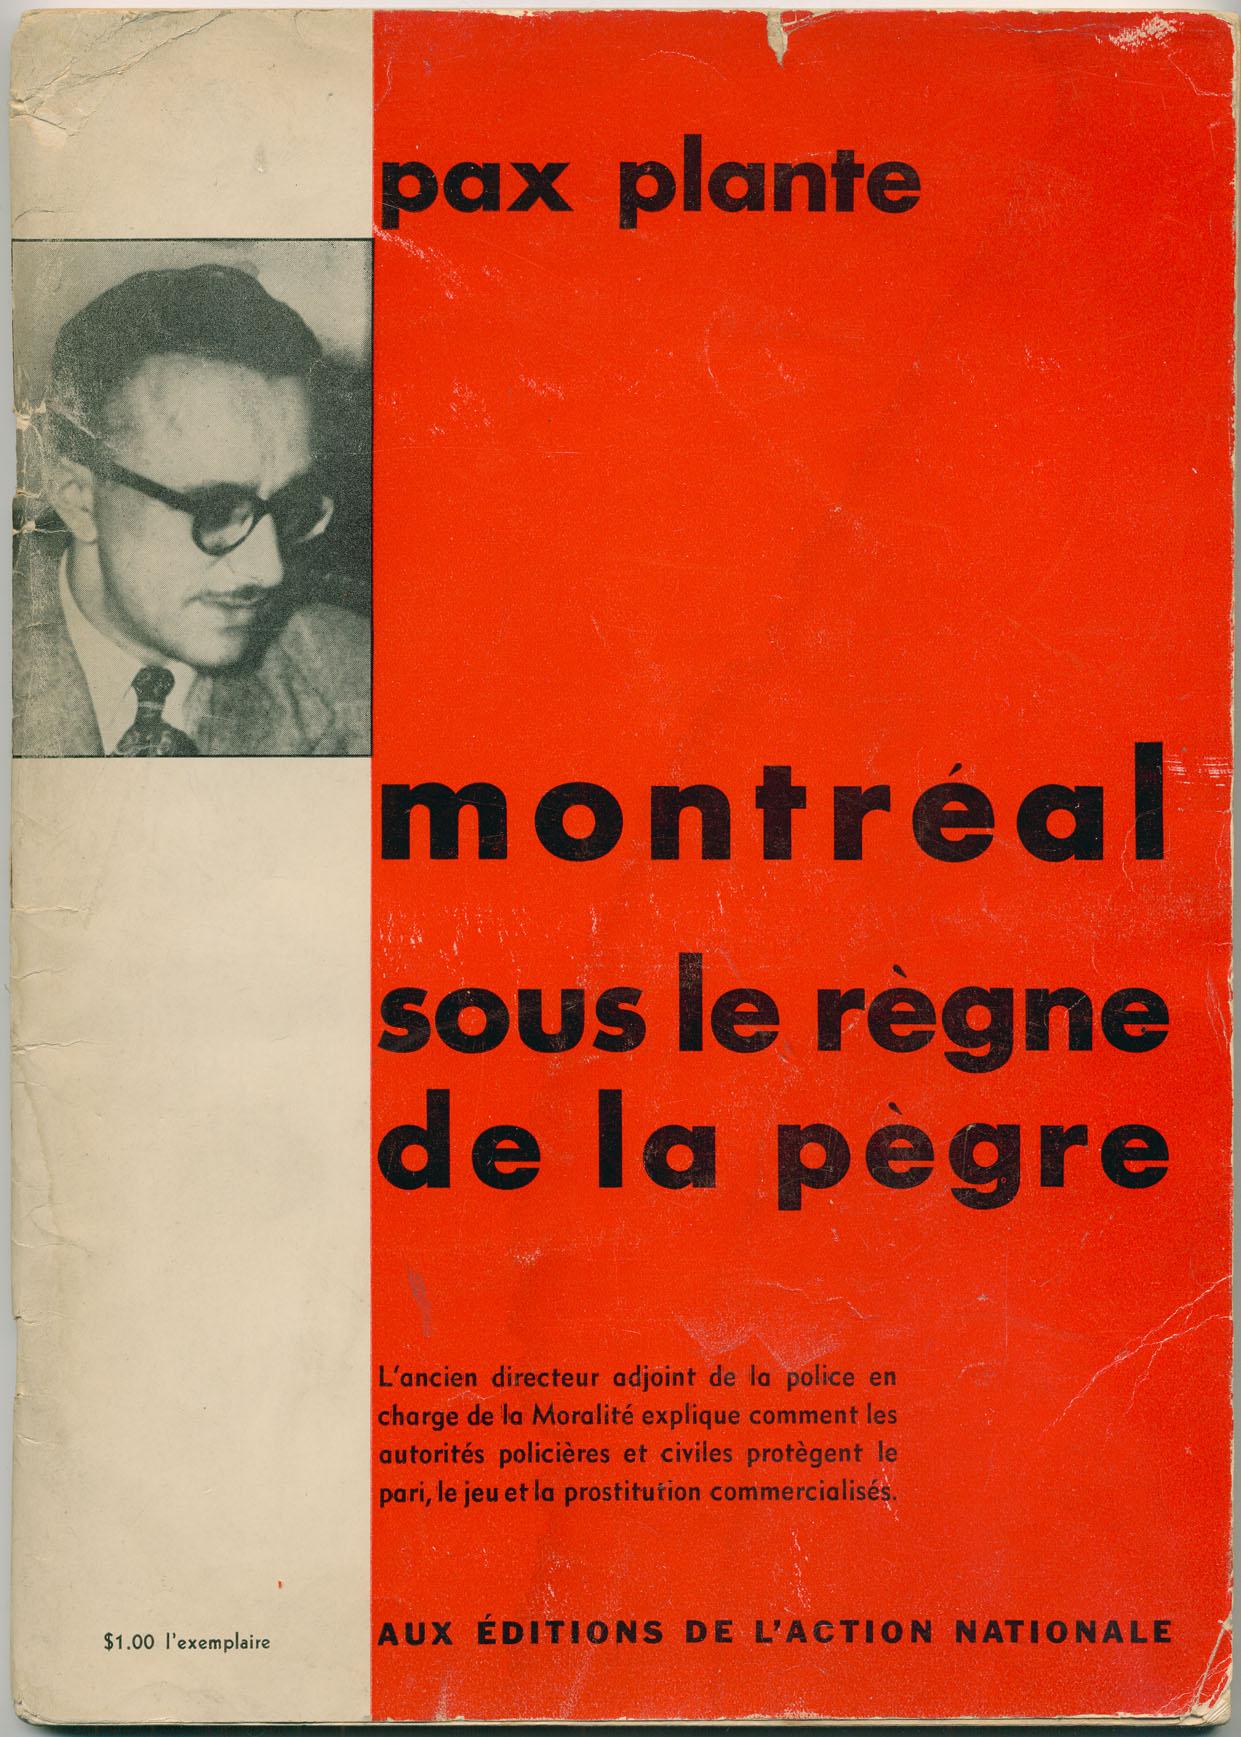 Couverture en rouge et blanc avec la photographie de Pacifique Plante en haut à gauche. Le titre est en gras et mis en évidence.